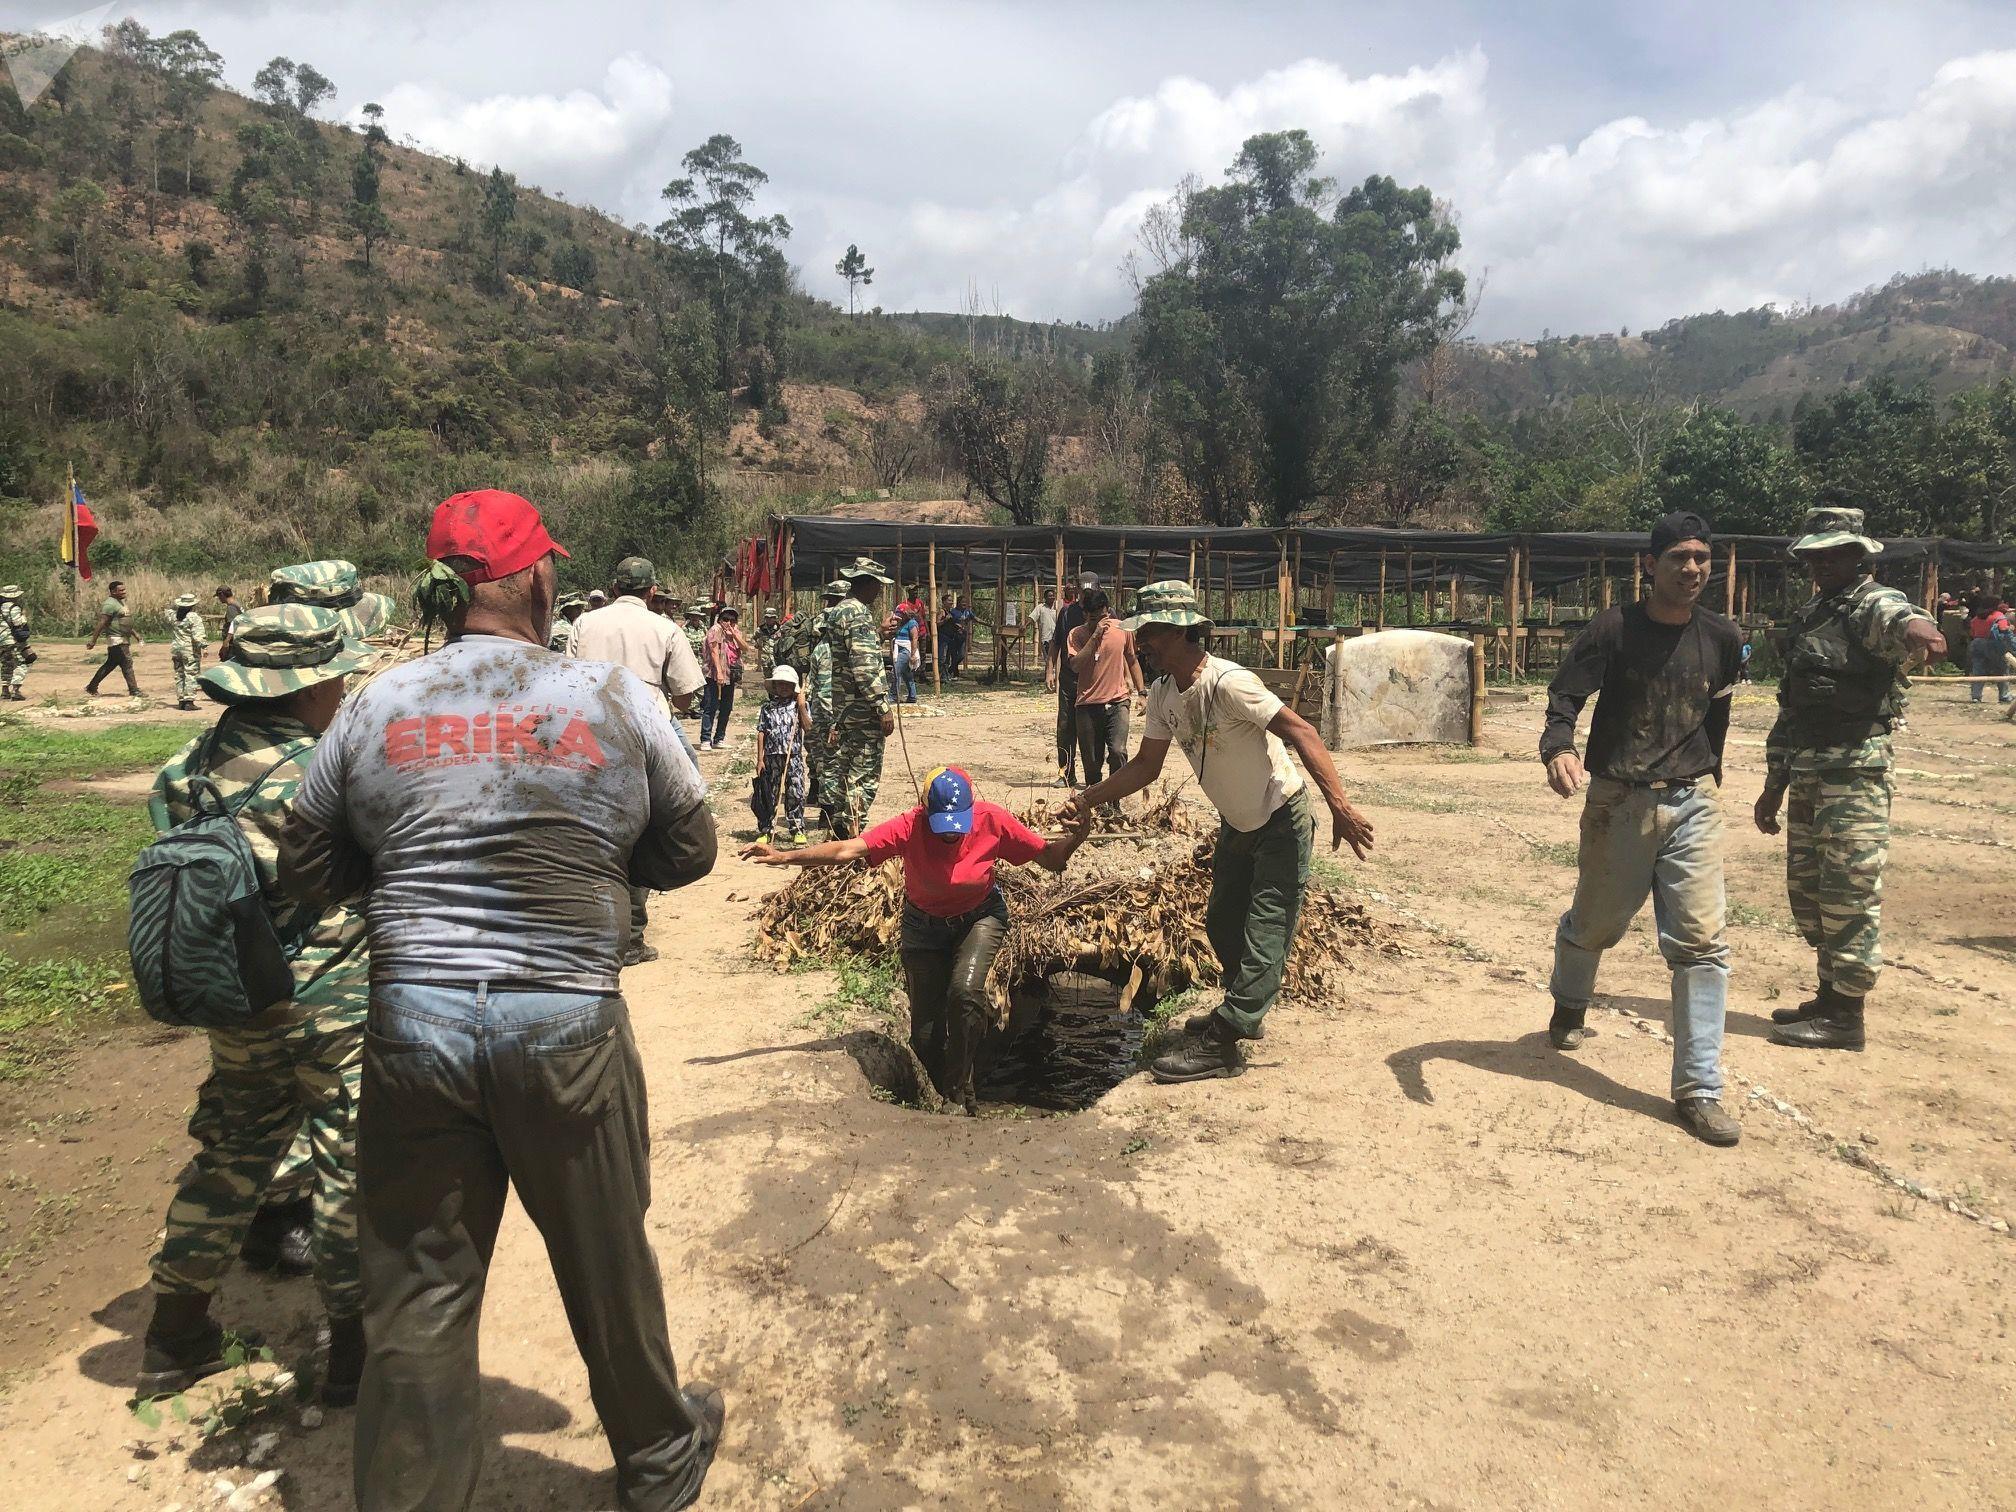 El Método Táctico de Resistencia Revolucionaria se basa en contar con patriotas cooperantes en todos los territorios, explica el mayor Jesús Orozco, del Ejército de Venezuela